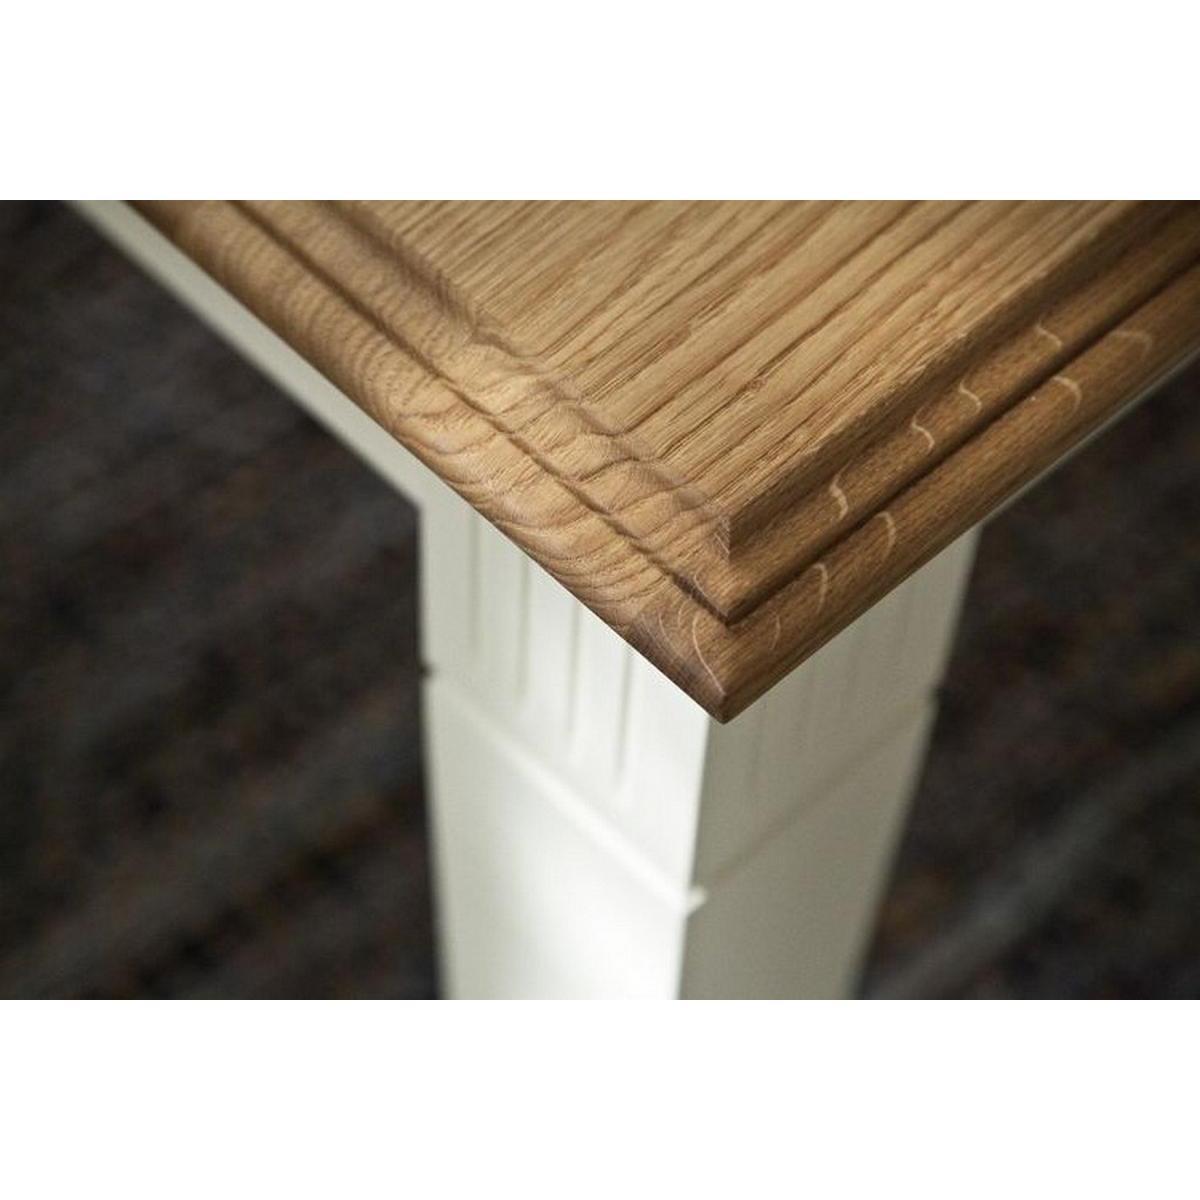 massivholz esstisch 160x95 nordic home kiefer massiv weiß lackiert, Moderne